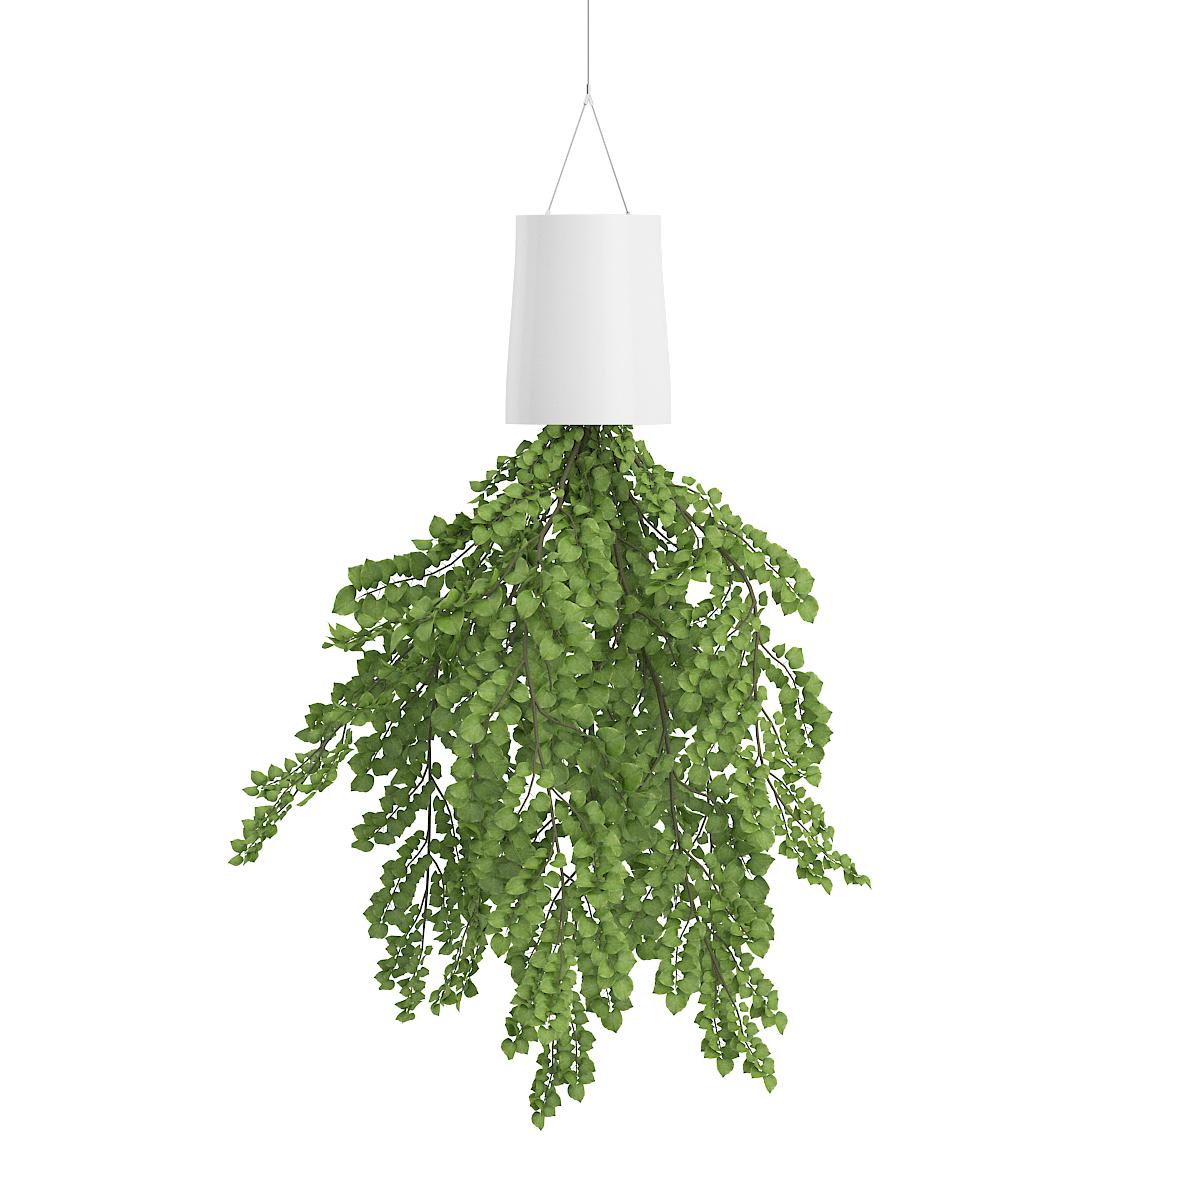 1. आइवी पौधा लगाने के कुछ घंटों के भीतर ही हवा को शुद्ध करने लगता है. यह हवा में मौजूद कीटाणुओं का नाश कर देता है.